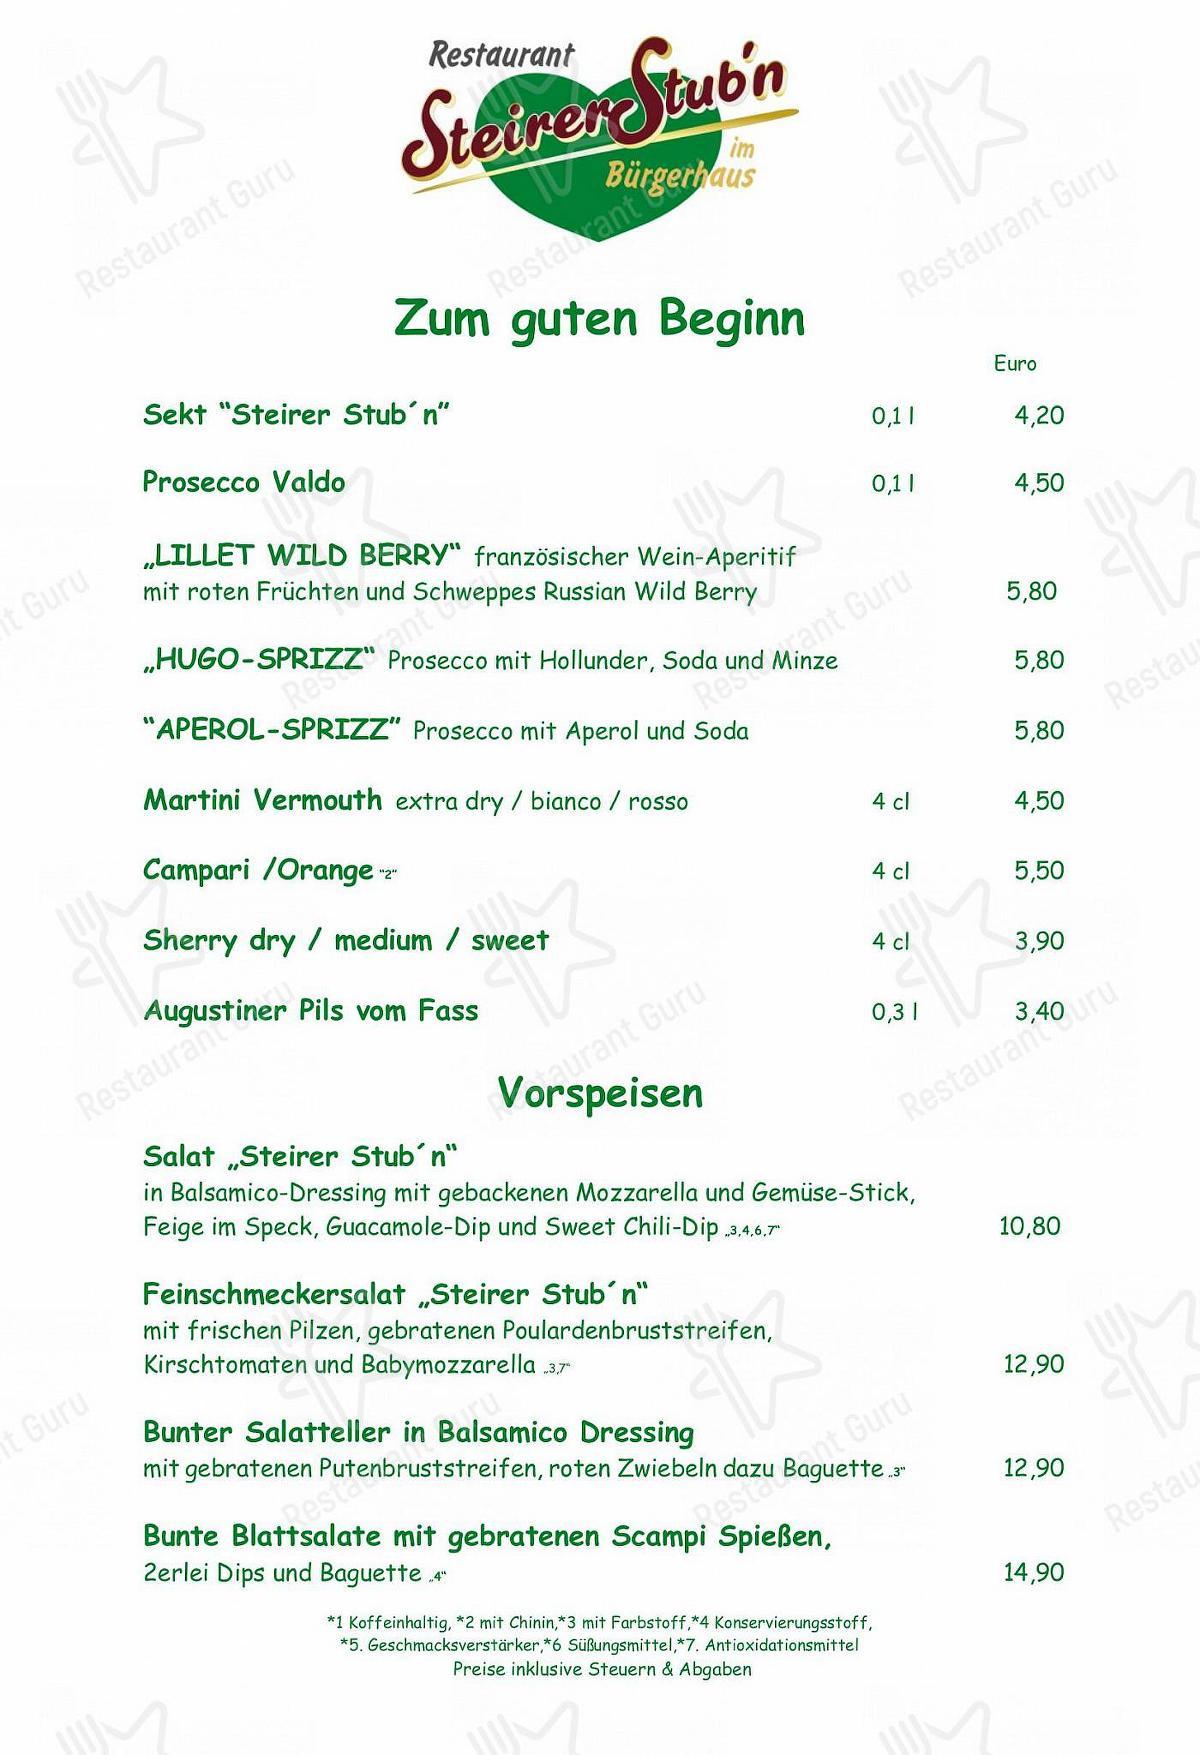 Menu Von Burgerhaus Steirer Stub N Karlsfeld Allacher Str 1 Bewertungen Und Ratings Vom Deutsch Restaurant